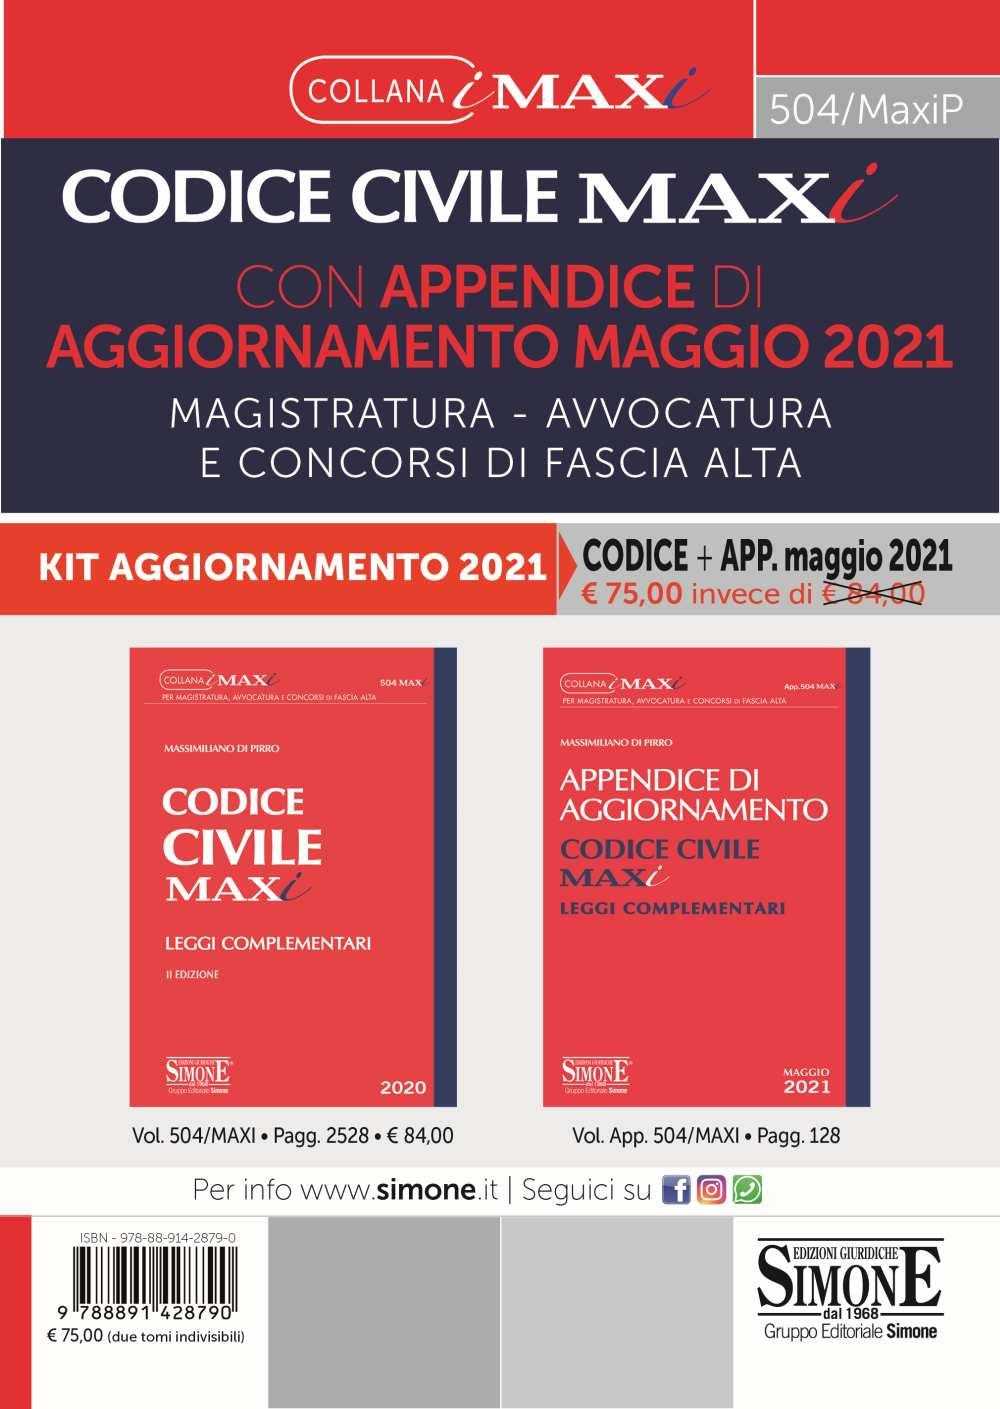 Codice Civile Maxi aggiornato